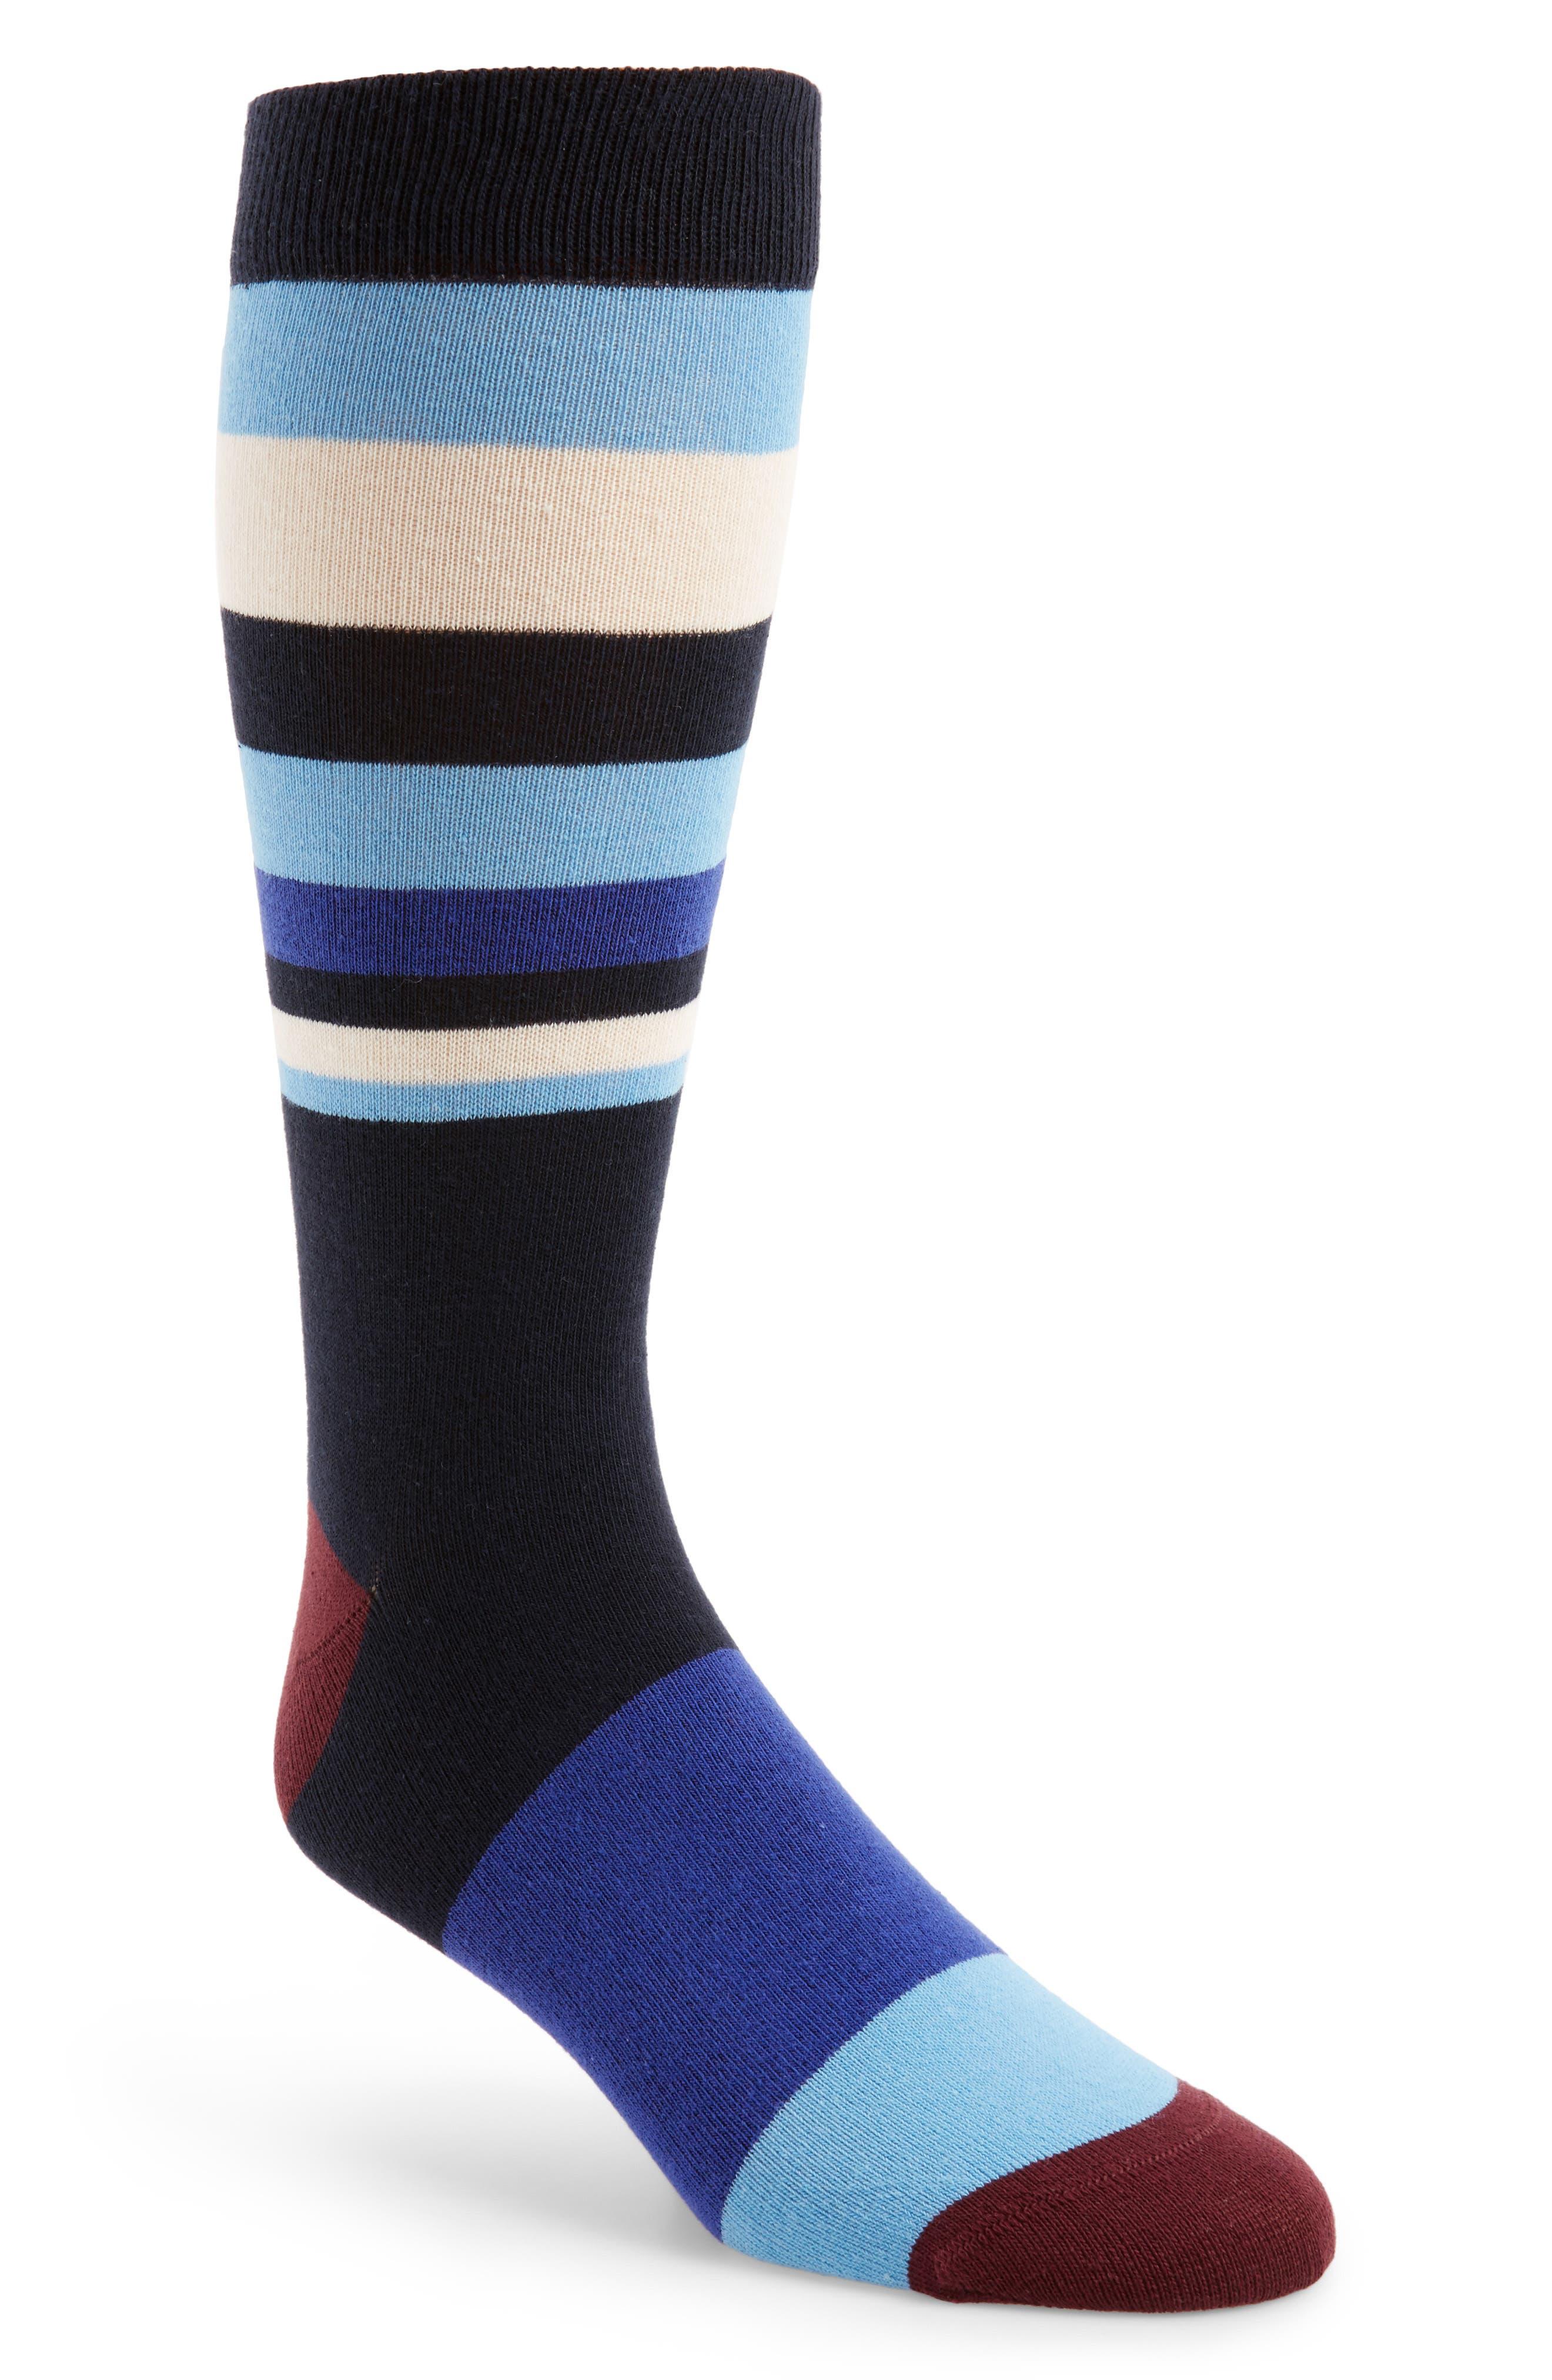 Ted Baker London Striped Socks